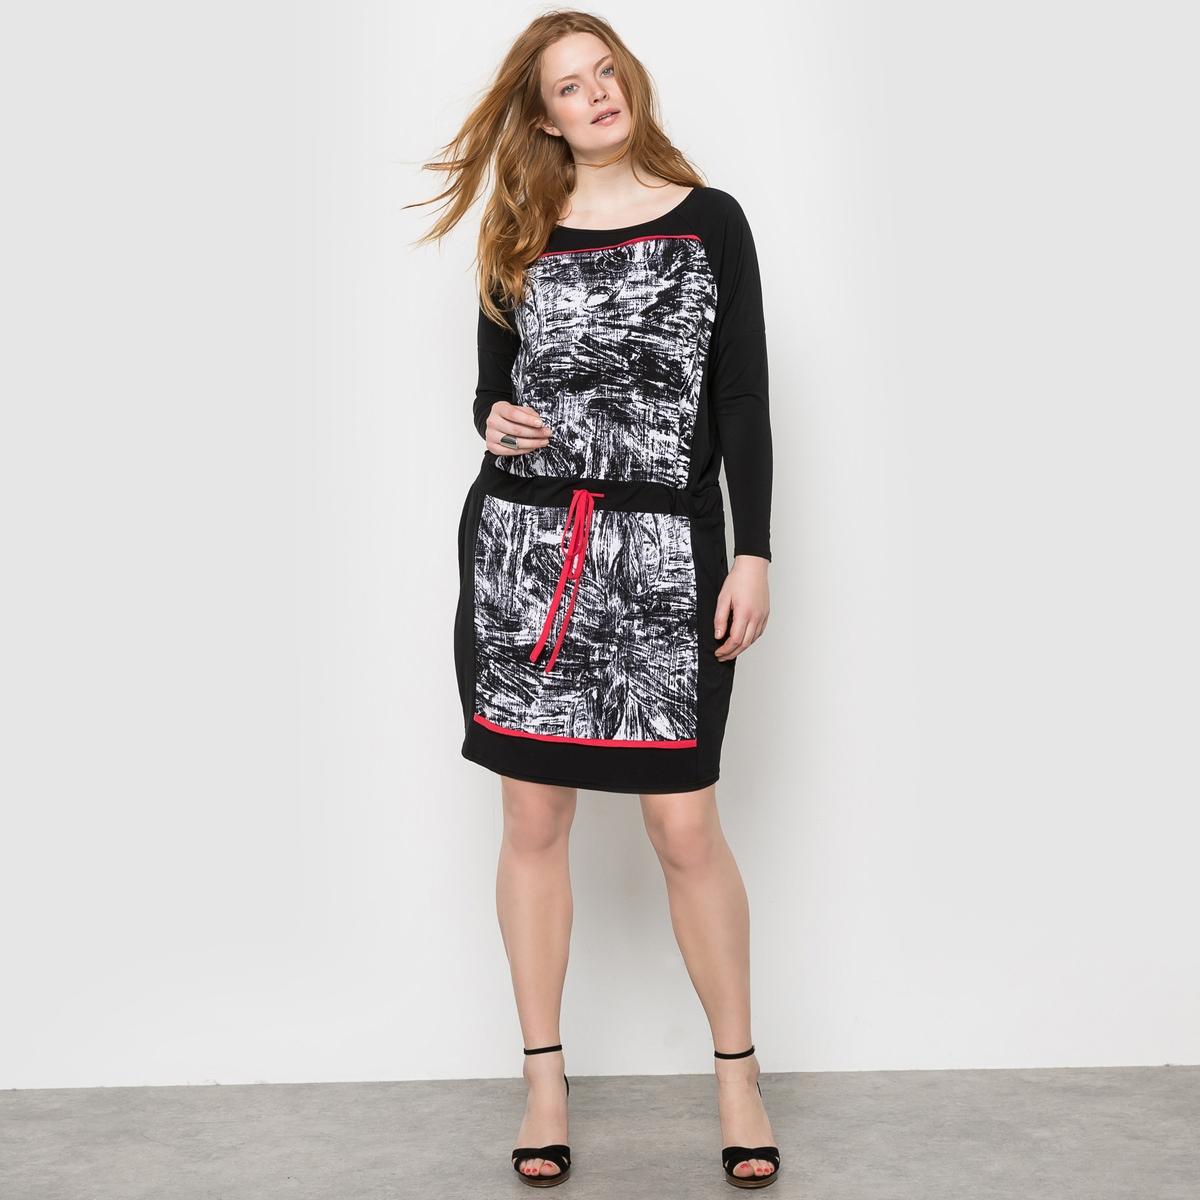 ПлатьеПлатье MELLEM . 92% полиэстера, 8% эластана. Платье из крепа с рисунком . Это очень удобное платье полностью из трикотажа с длинными рукавами идеально для весны . Очень стильное платье с карандашным рисунком и яркими штрихами  ! Завязки на поясе позволяют подогнать форму платья под ваши желания .<br><br>Цвет: черный